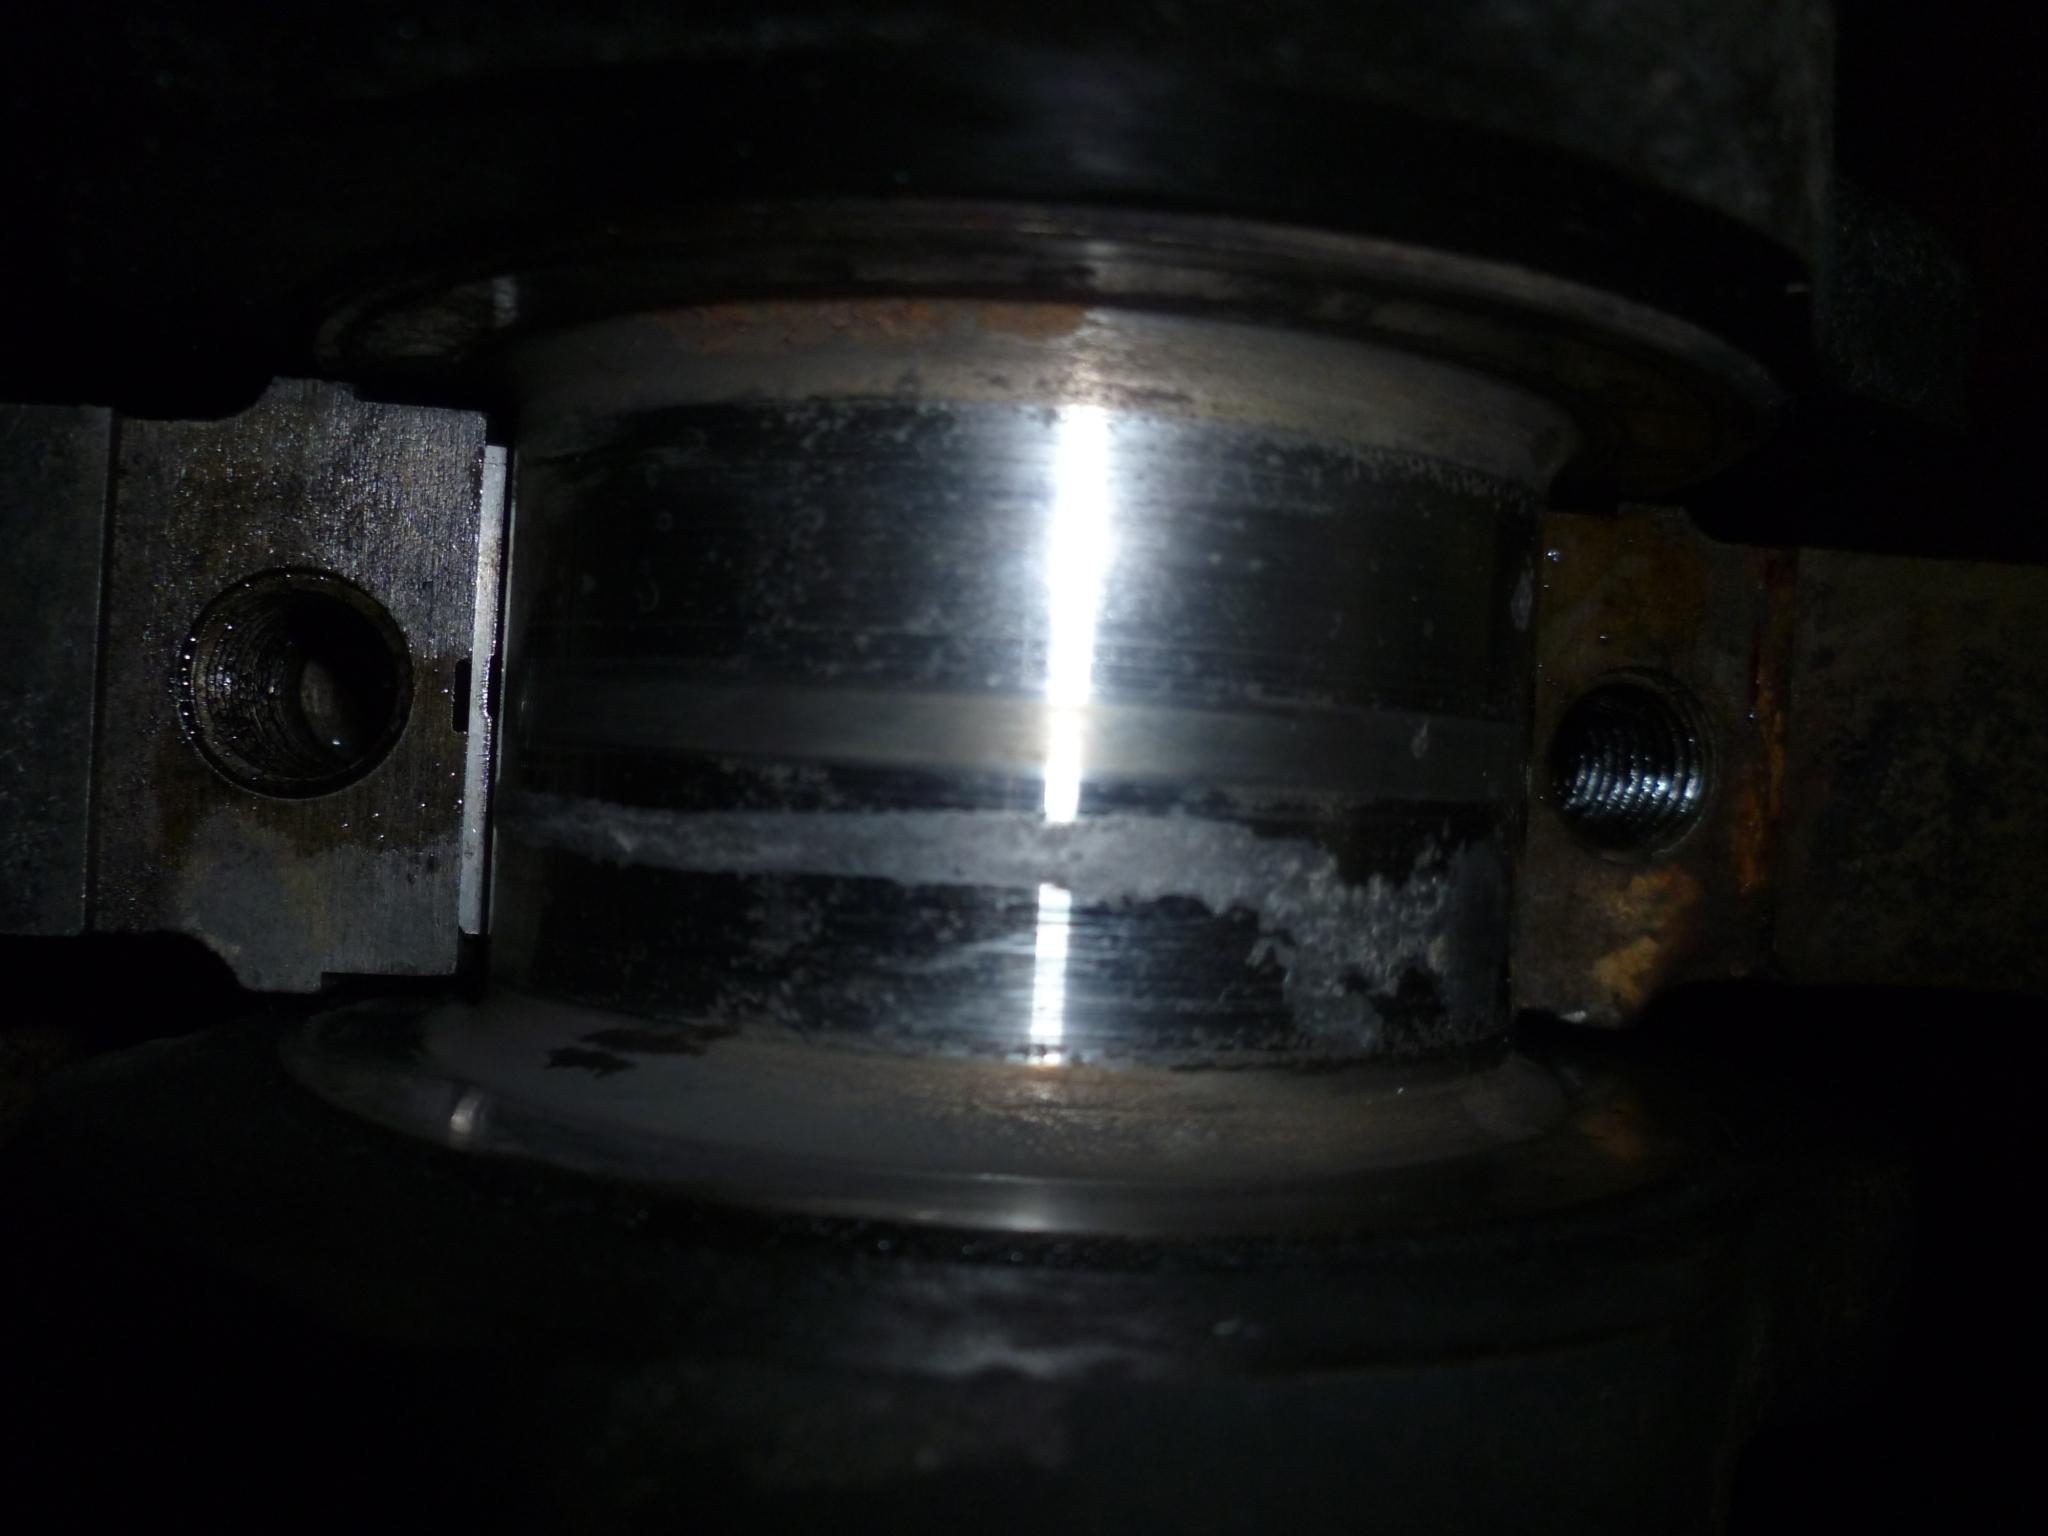 [EBRO SUPER 55] Agua en el aceite motor (en vías de solución) - Página 2 1znmxpj